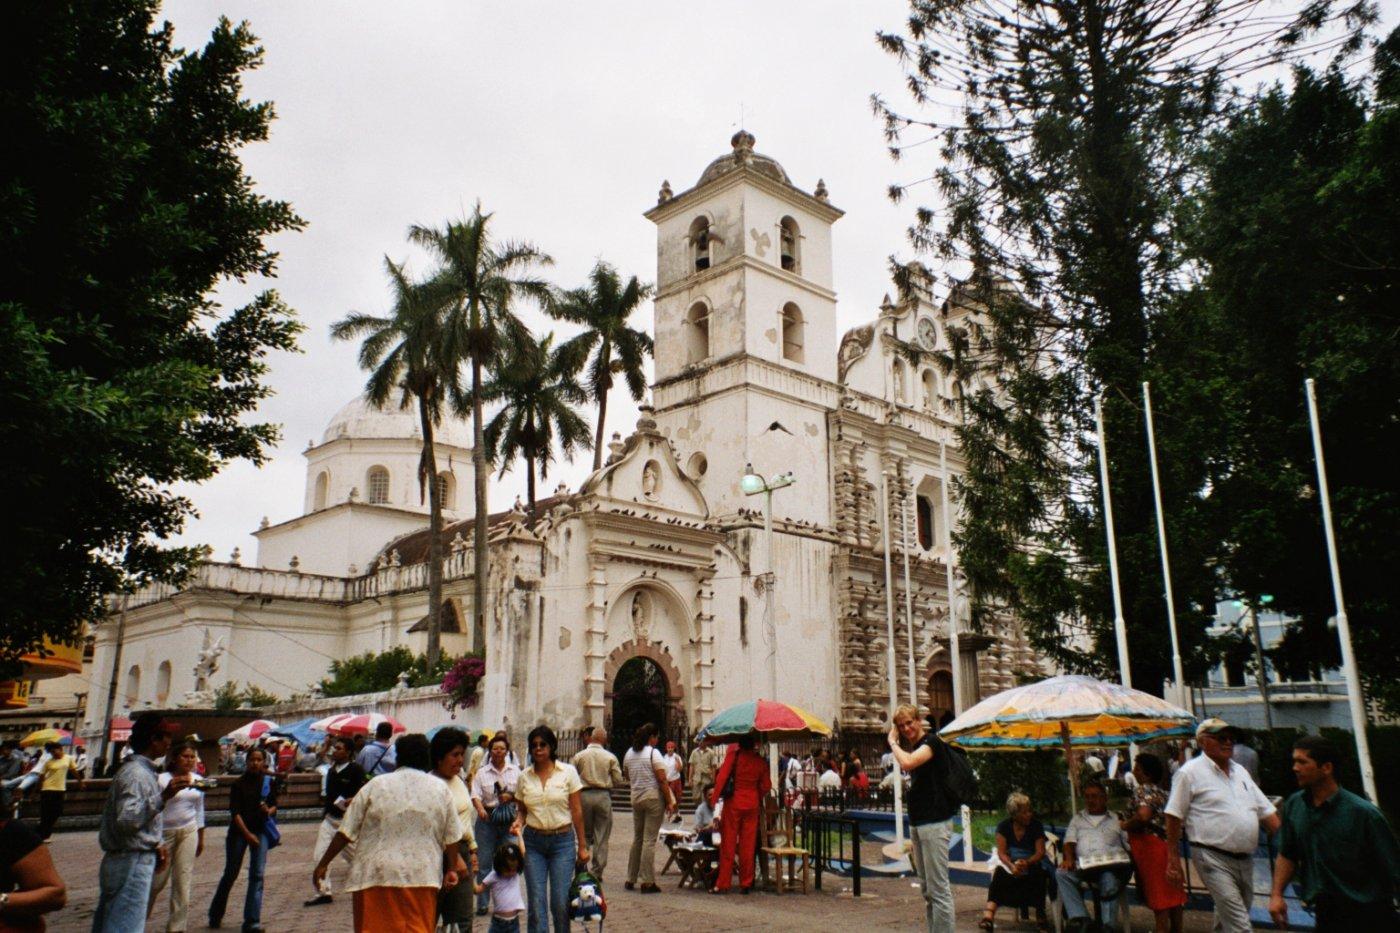 Фото Кафедральный собор Сан Мигель. Honduras, Francisco Morazan, Tegucigalpa, Avenida Miguel Cervantes